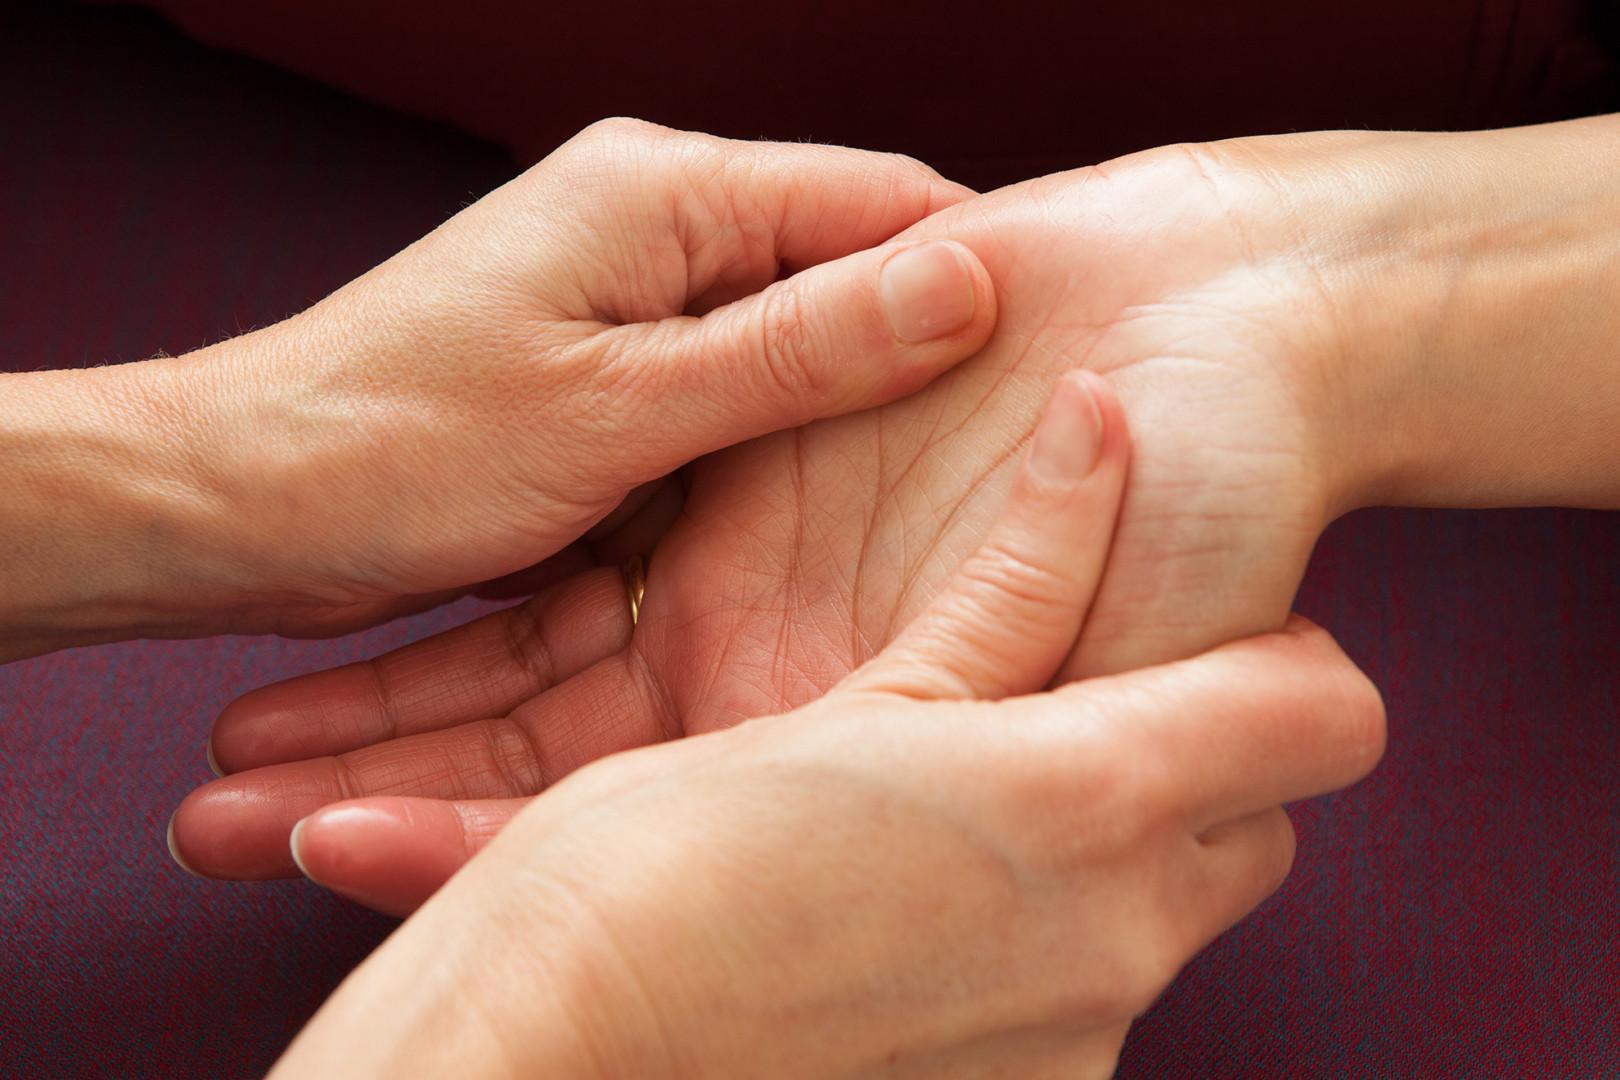 Réflexologie et Chimiothérapie